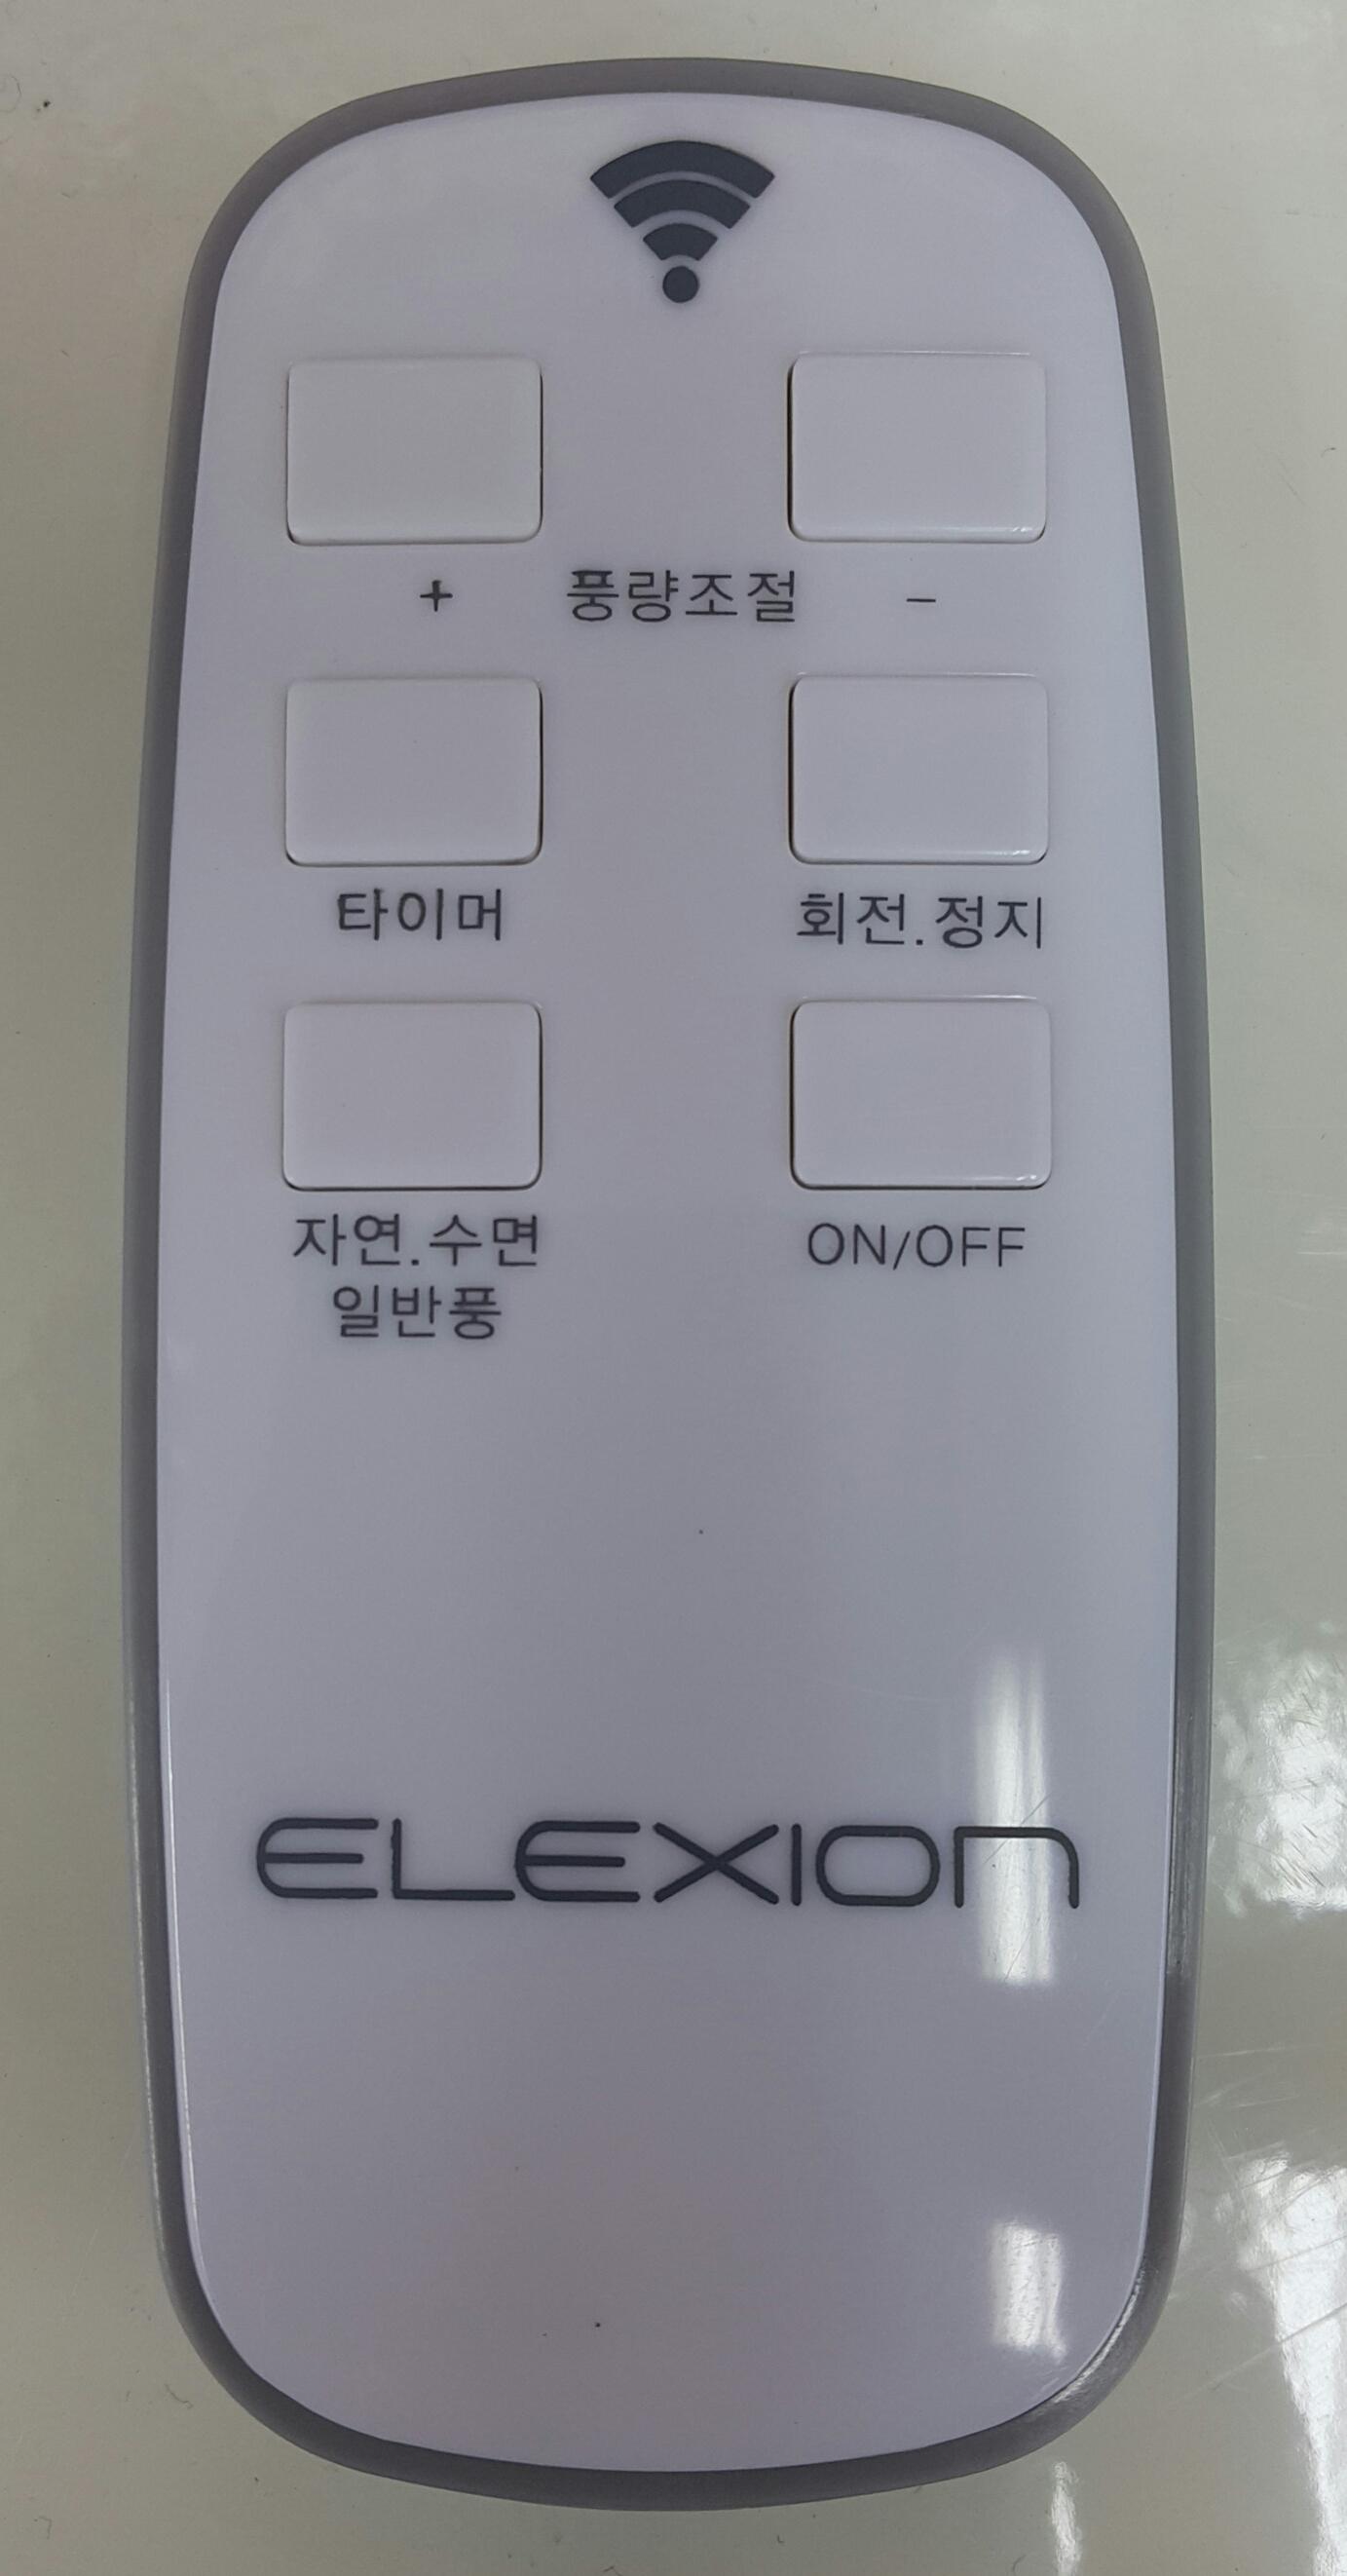 ELEXION_ELEXION_XFFFF FFFF_FAN.ELEXION_00002_cover.png